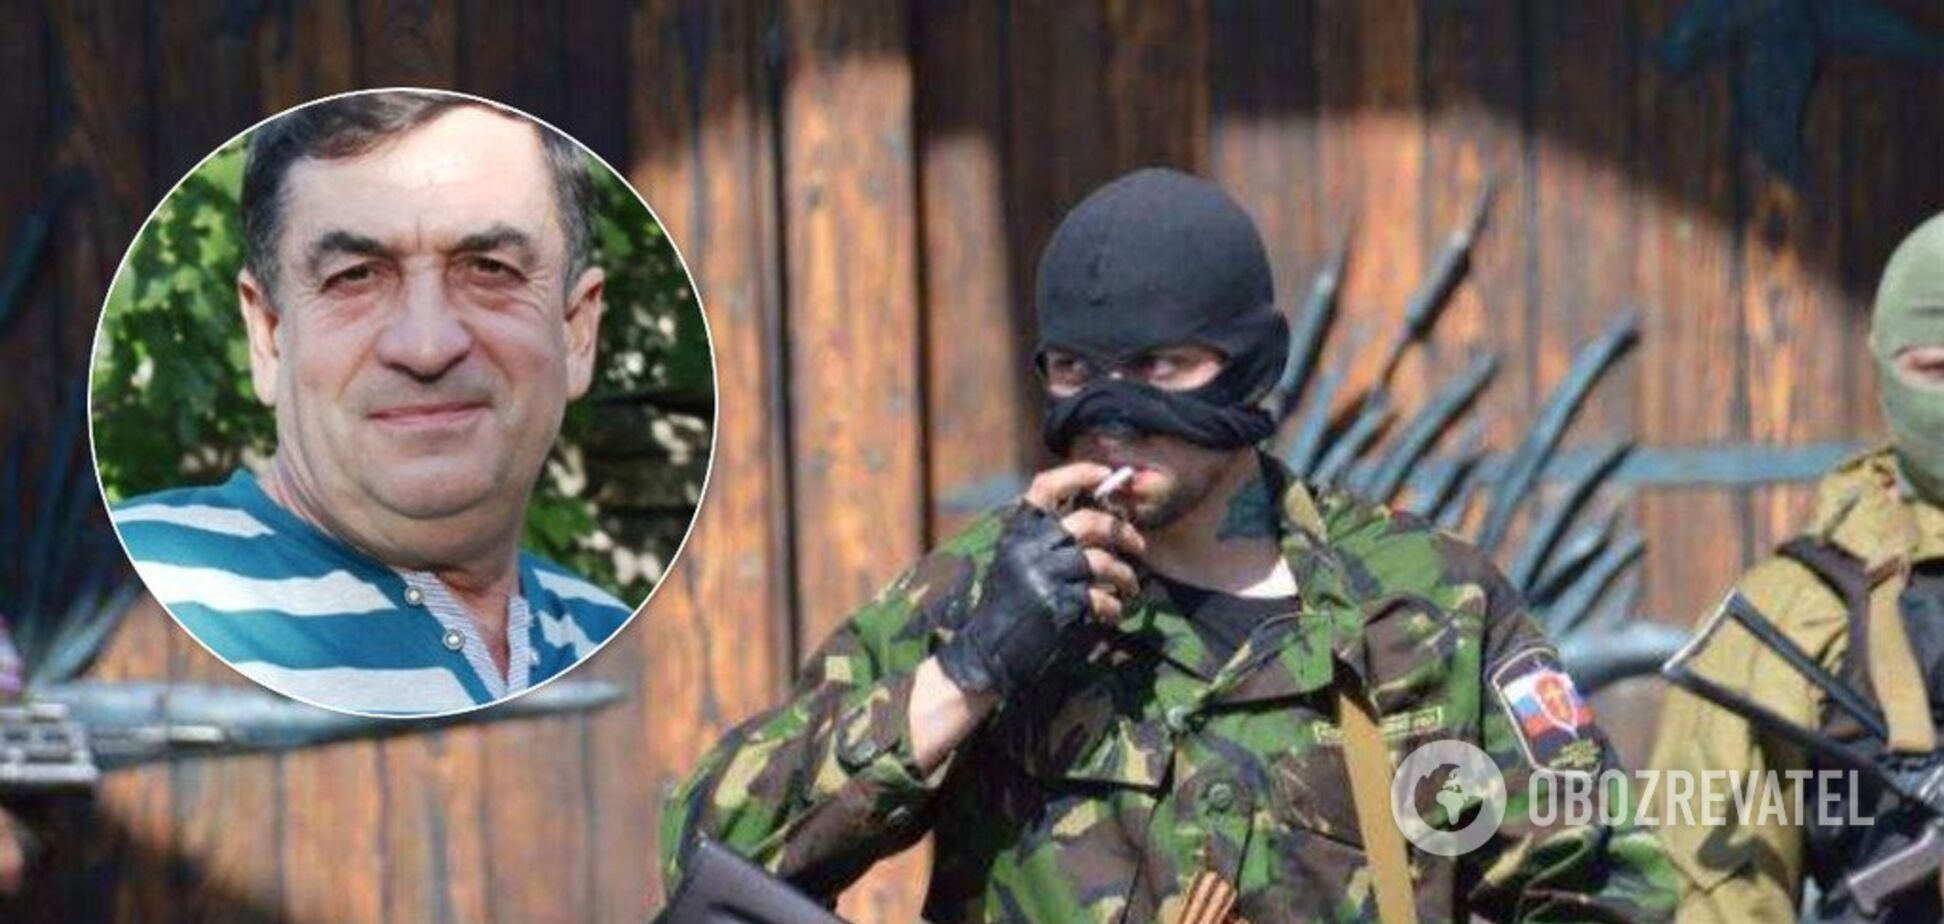 Расстрел воинов ВСУ: обменянный пособник террористов пошел на хитрость в расследовании дела